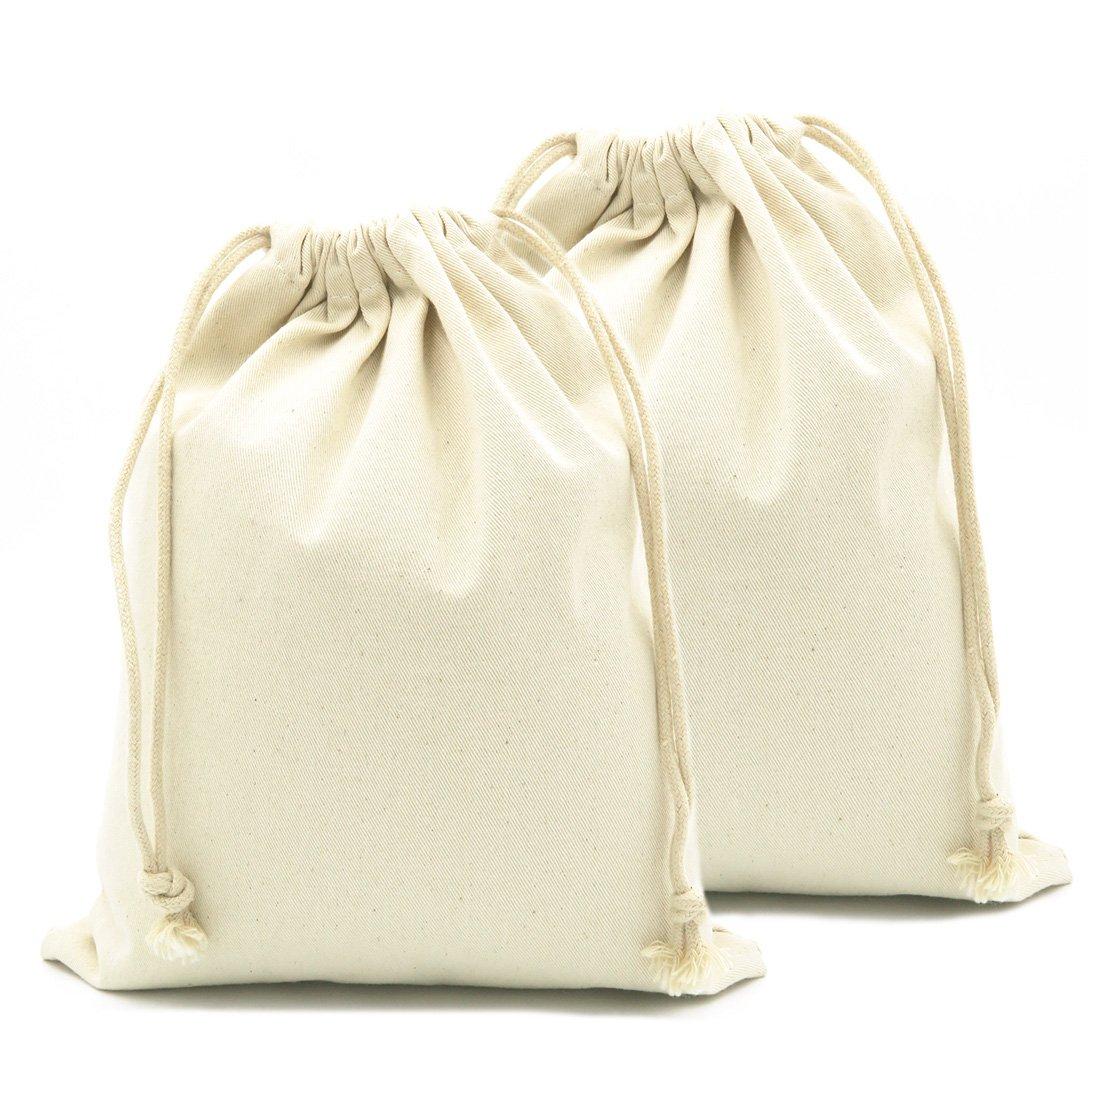 『3年保証』 yingkor 100 Pack 11CS22M %コットンキャンバスモスリン巾着バッグ2 - Pack 100 19x24cm 11CS22M B076XTPHT8 19x24cm, ペーパーアーツ:2562afd8 --- 4x4.lt